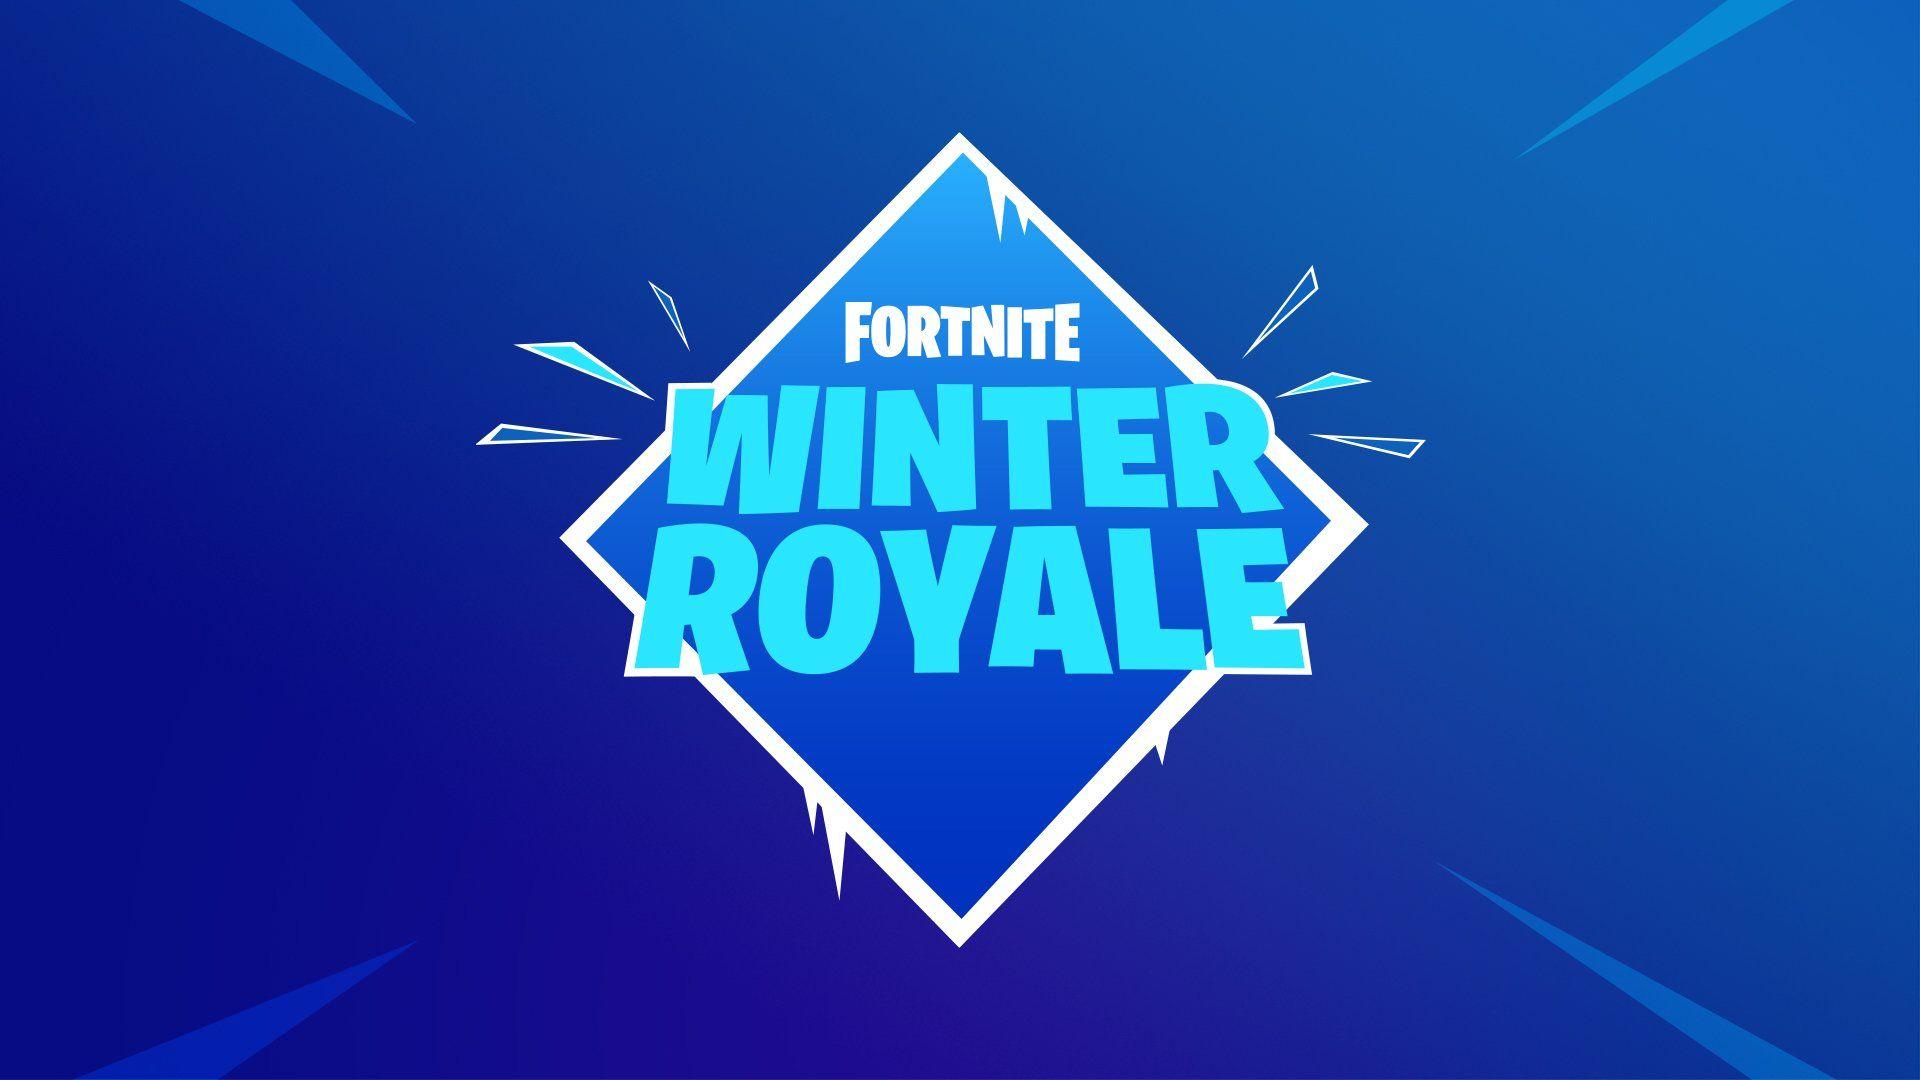 Fortnite Winter Royale logo